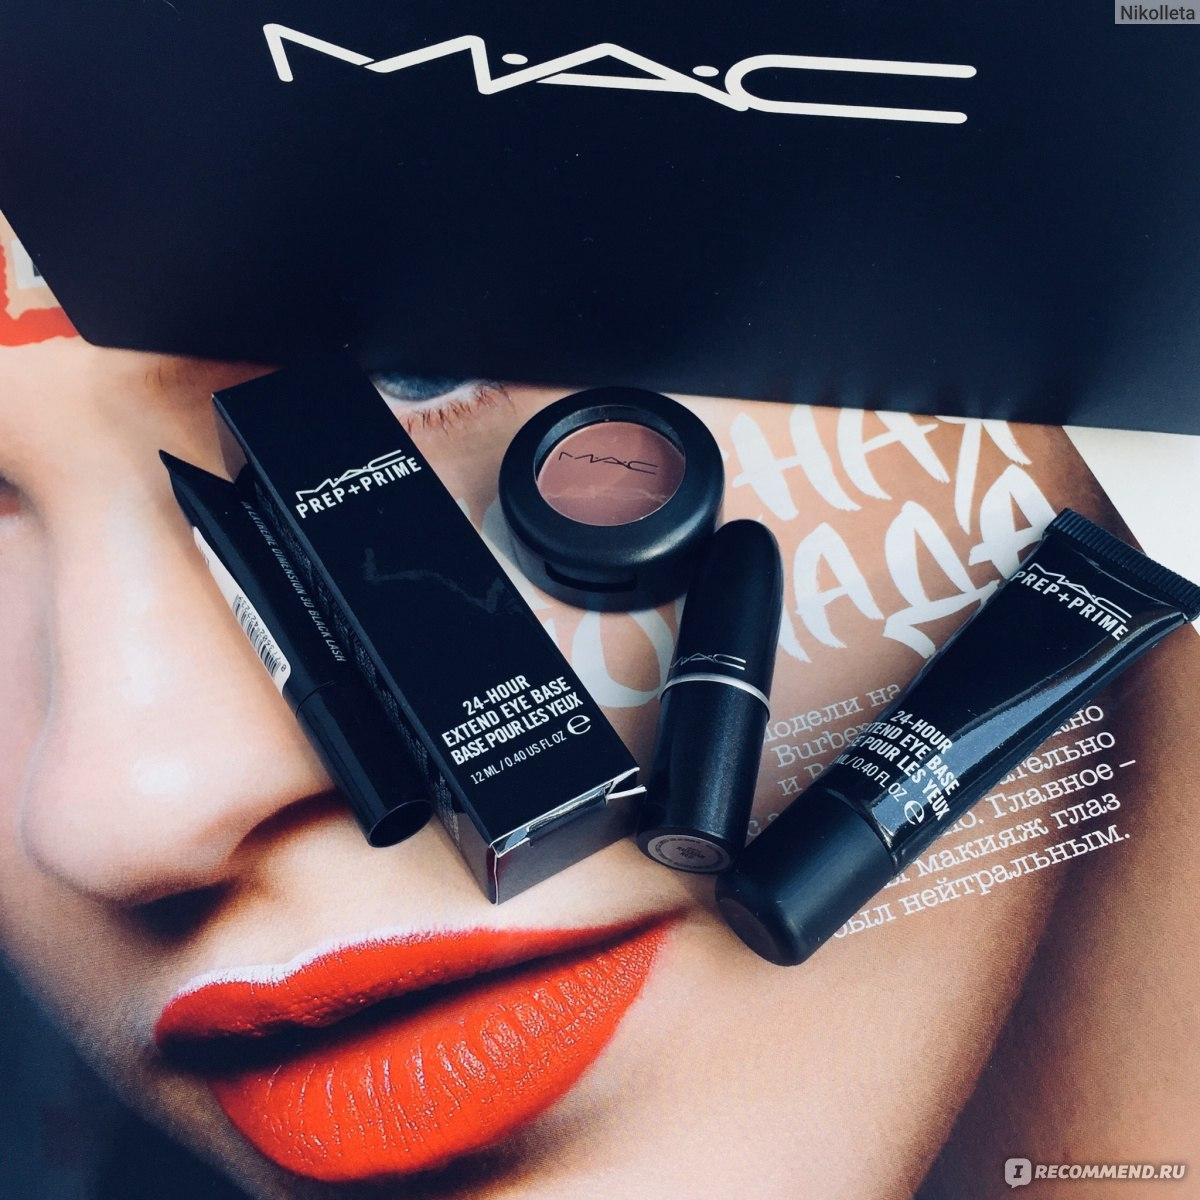 Mac косметика киров купить заказывать по каталог косметики эйвон